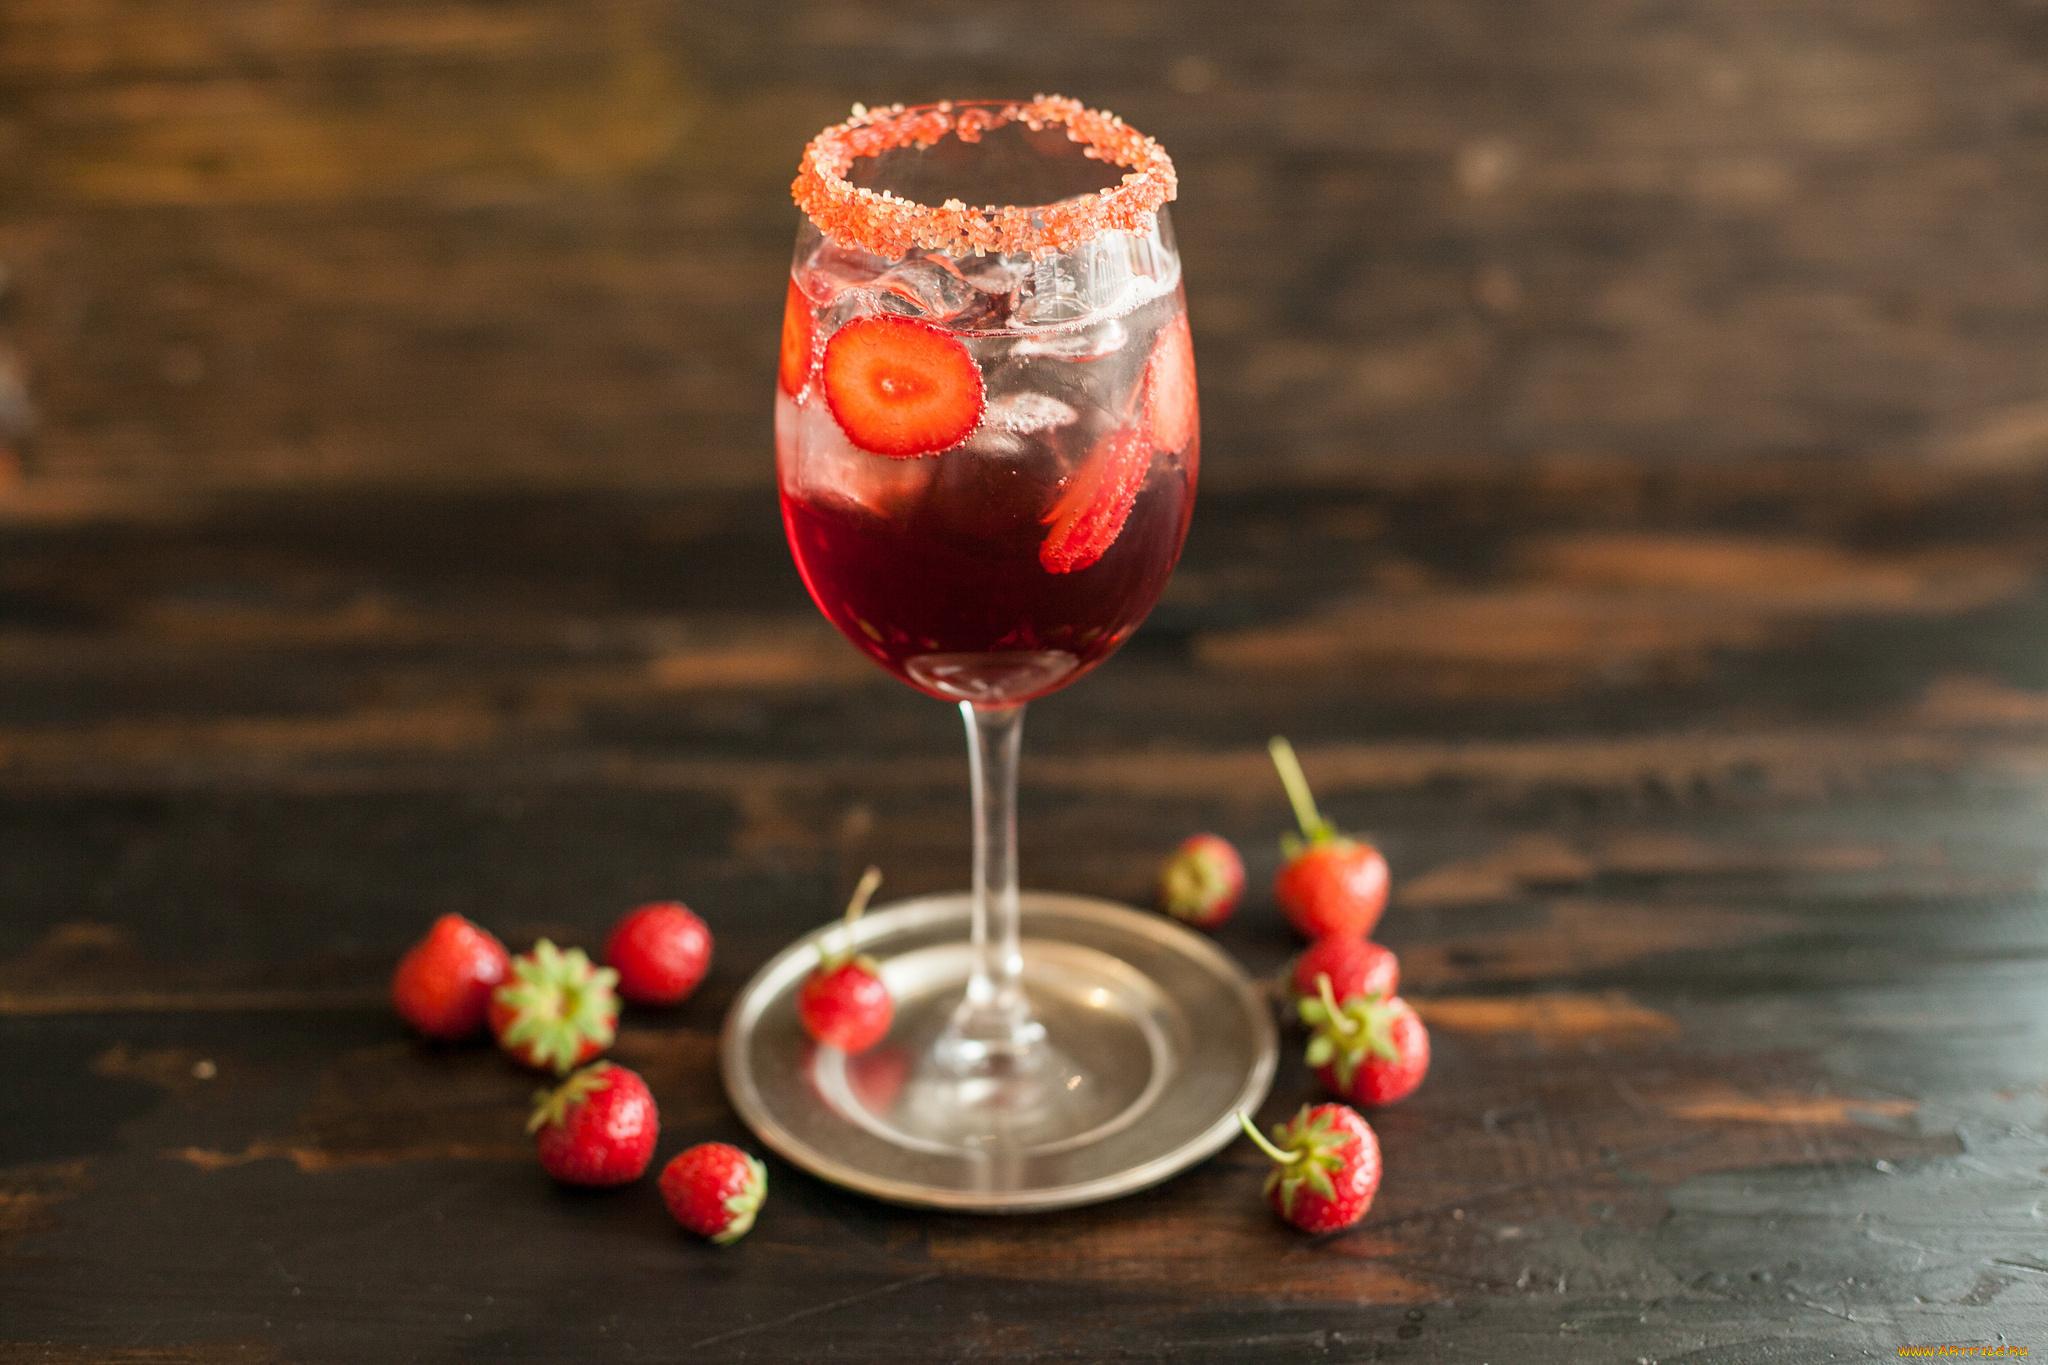 еда клубника лед food strawberry ice без смс